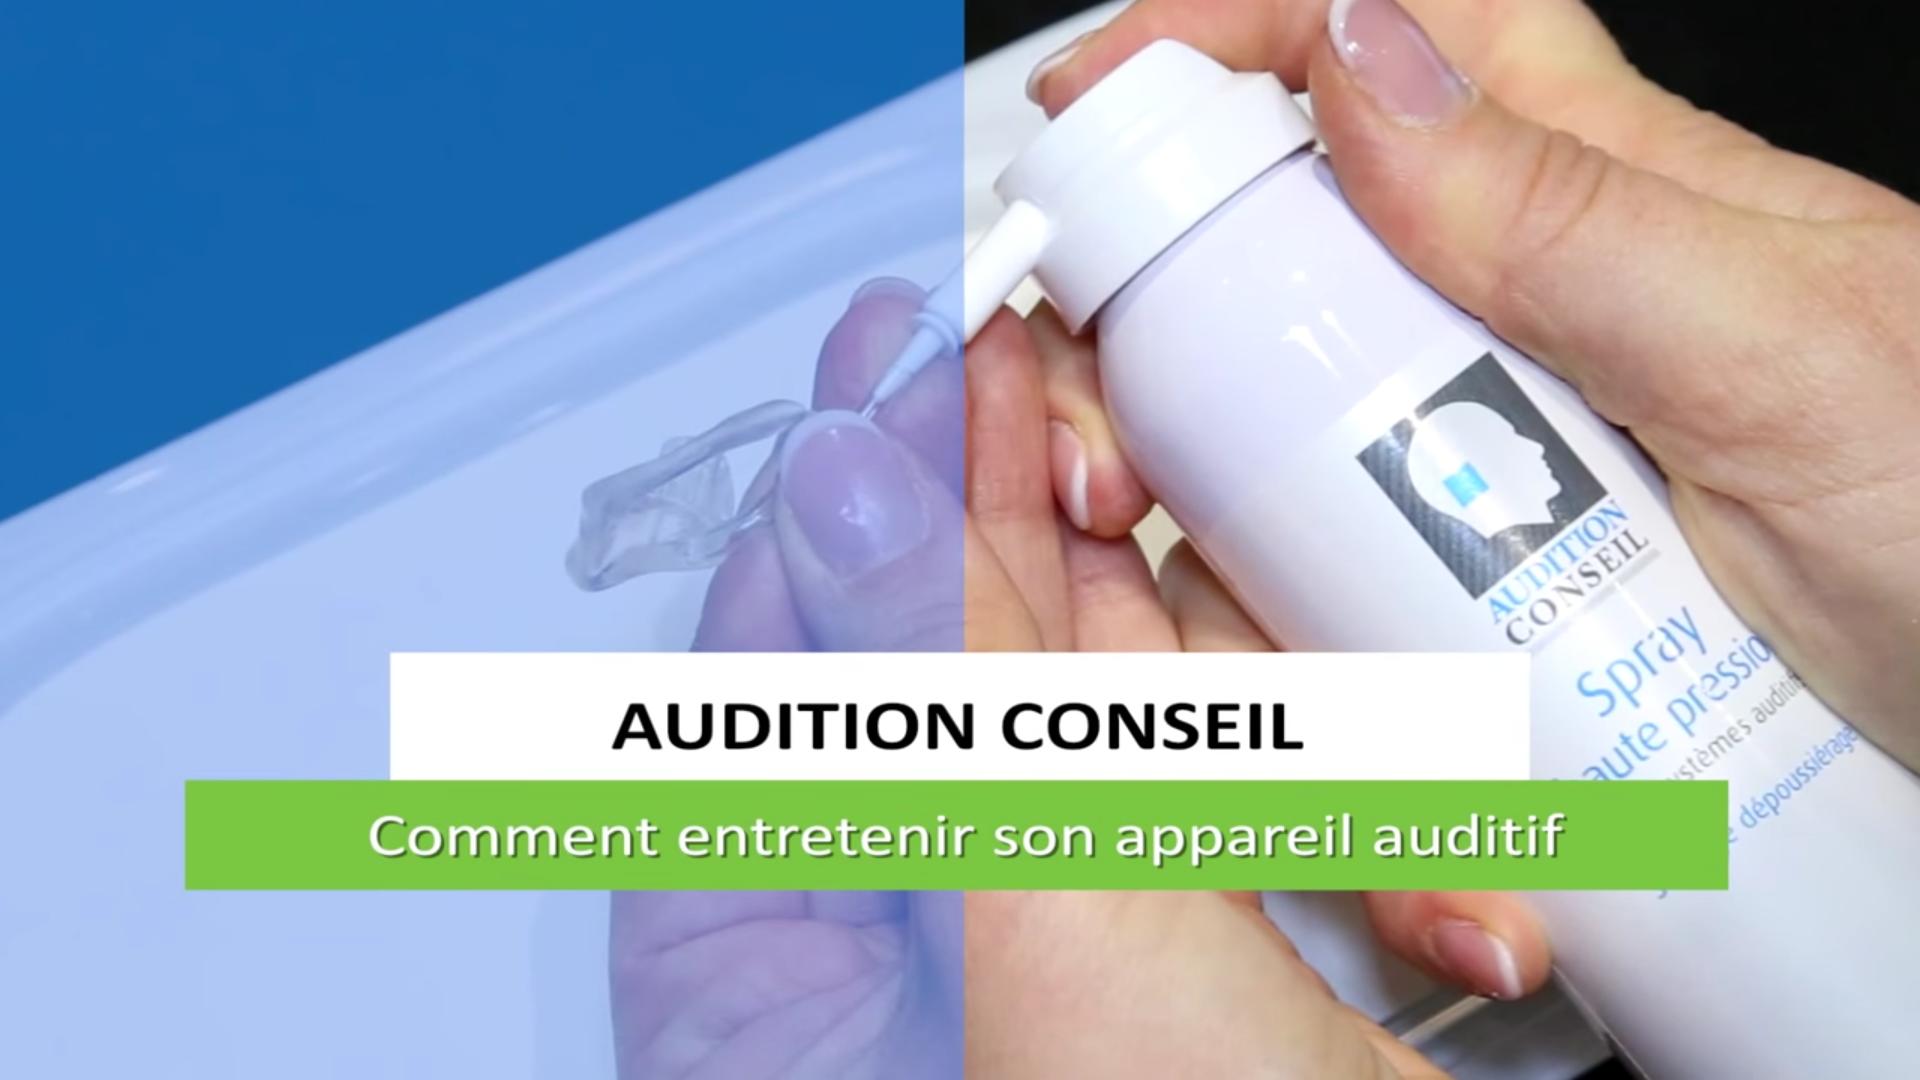 Conseils d'entretien appareils auditifs